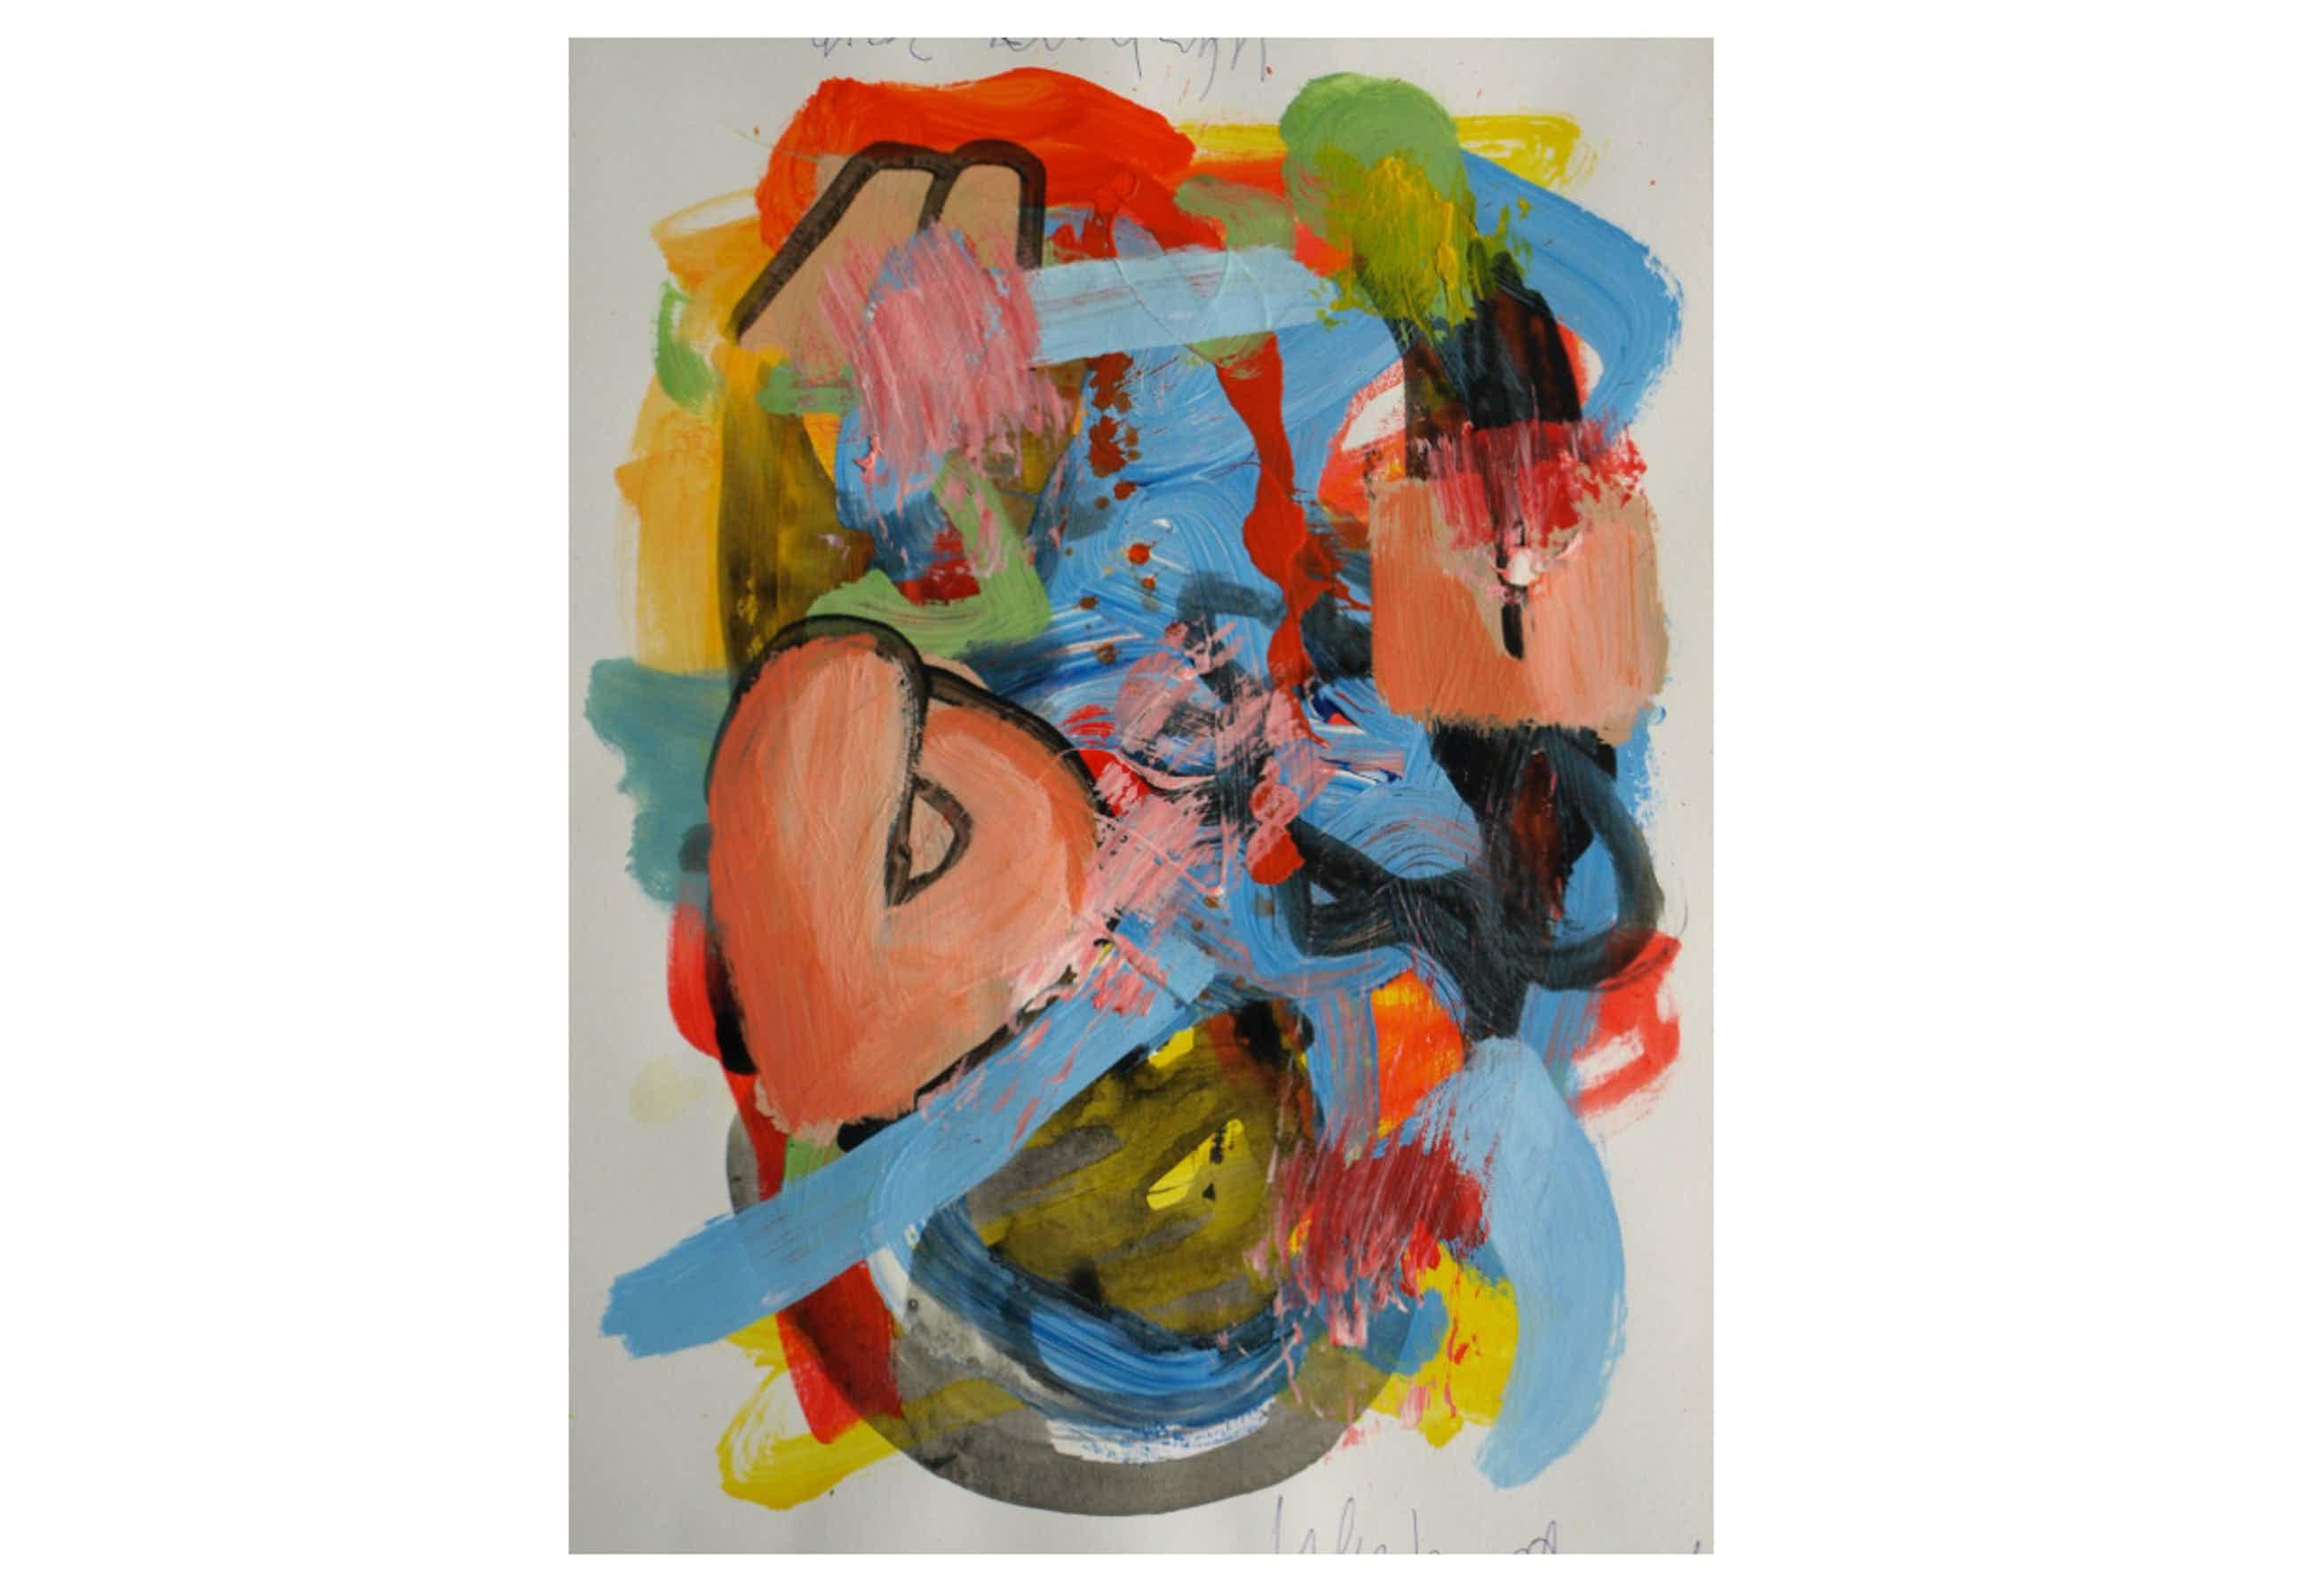 Peter Klashorst - Acrylverf op papier – Abstract 14 - 2016 kopen? Bied vanaf 45!